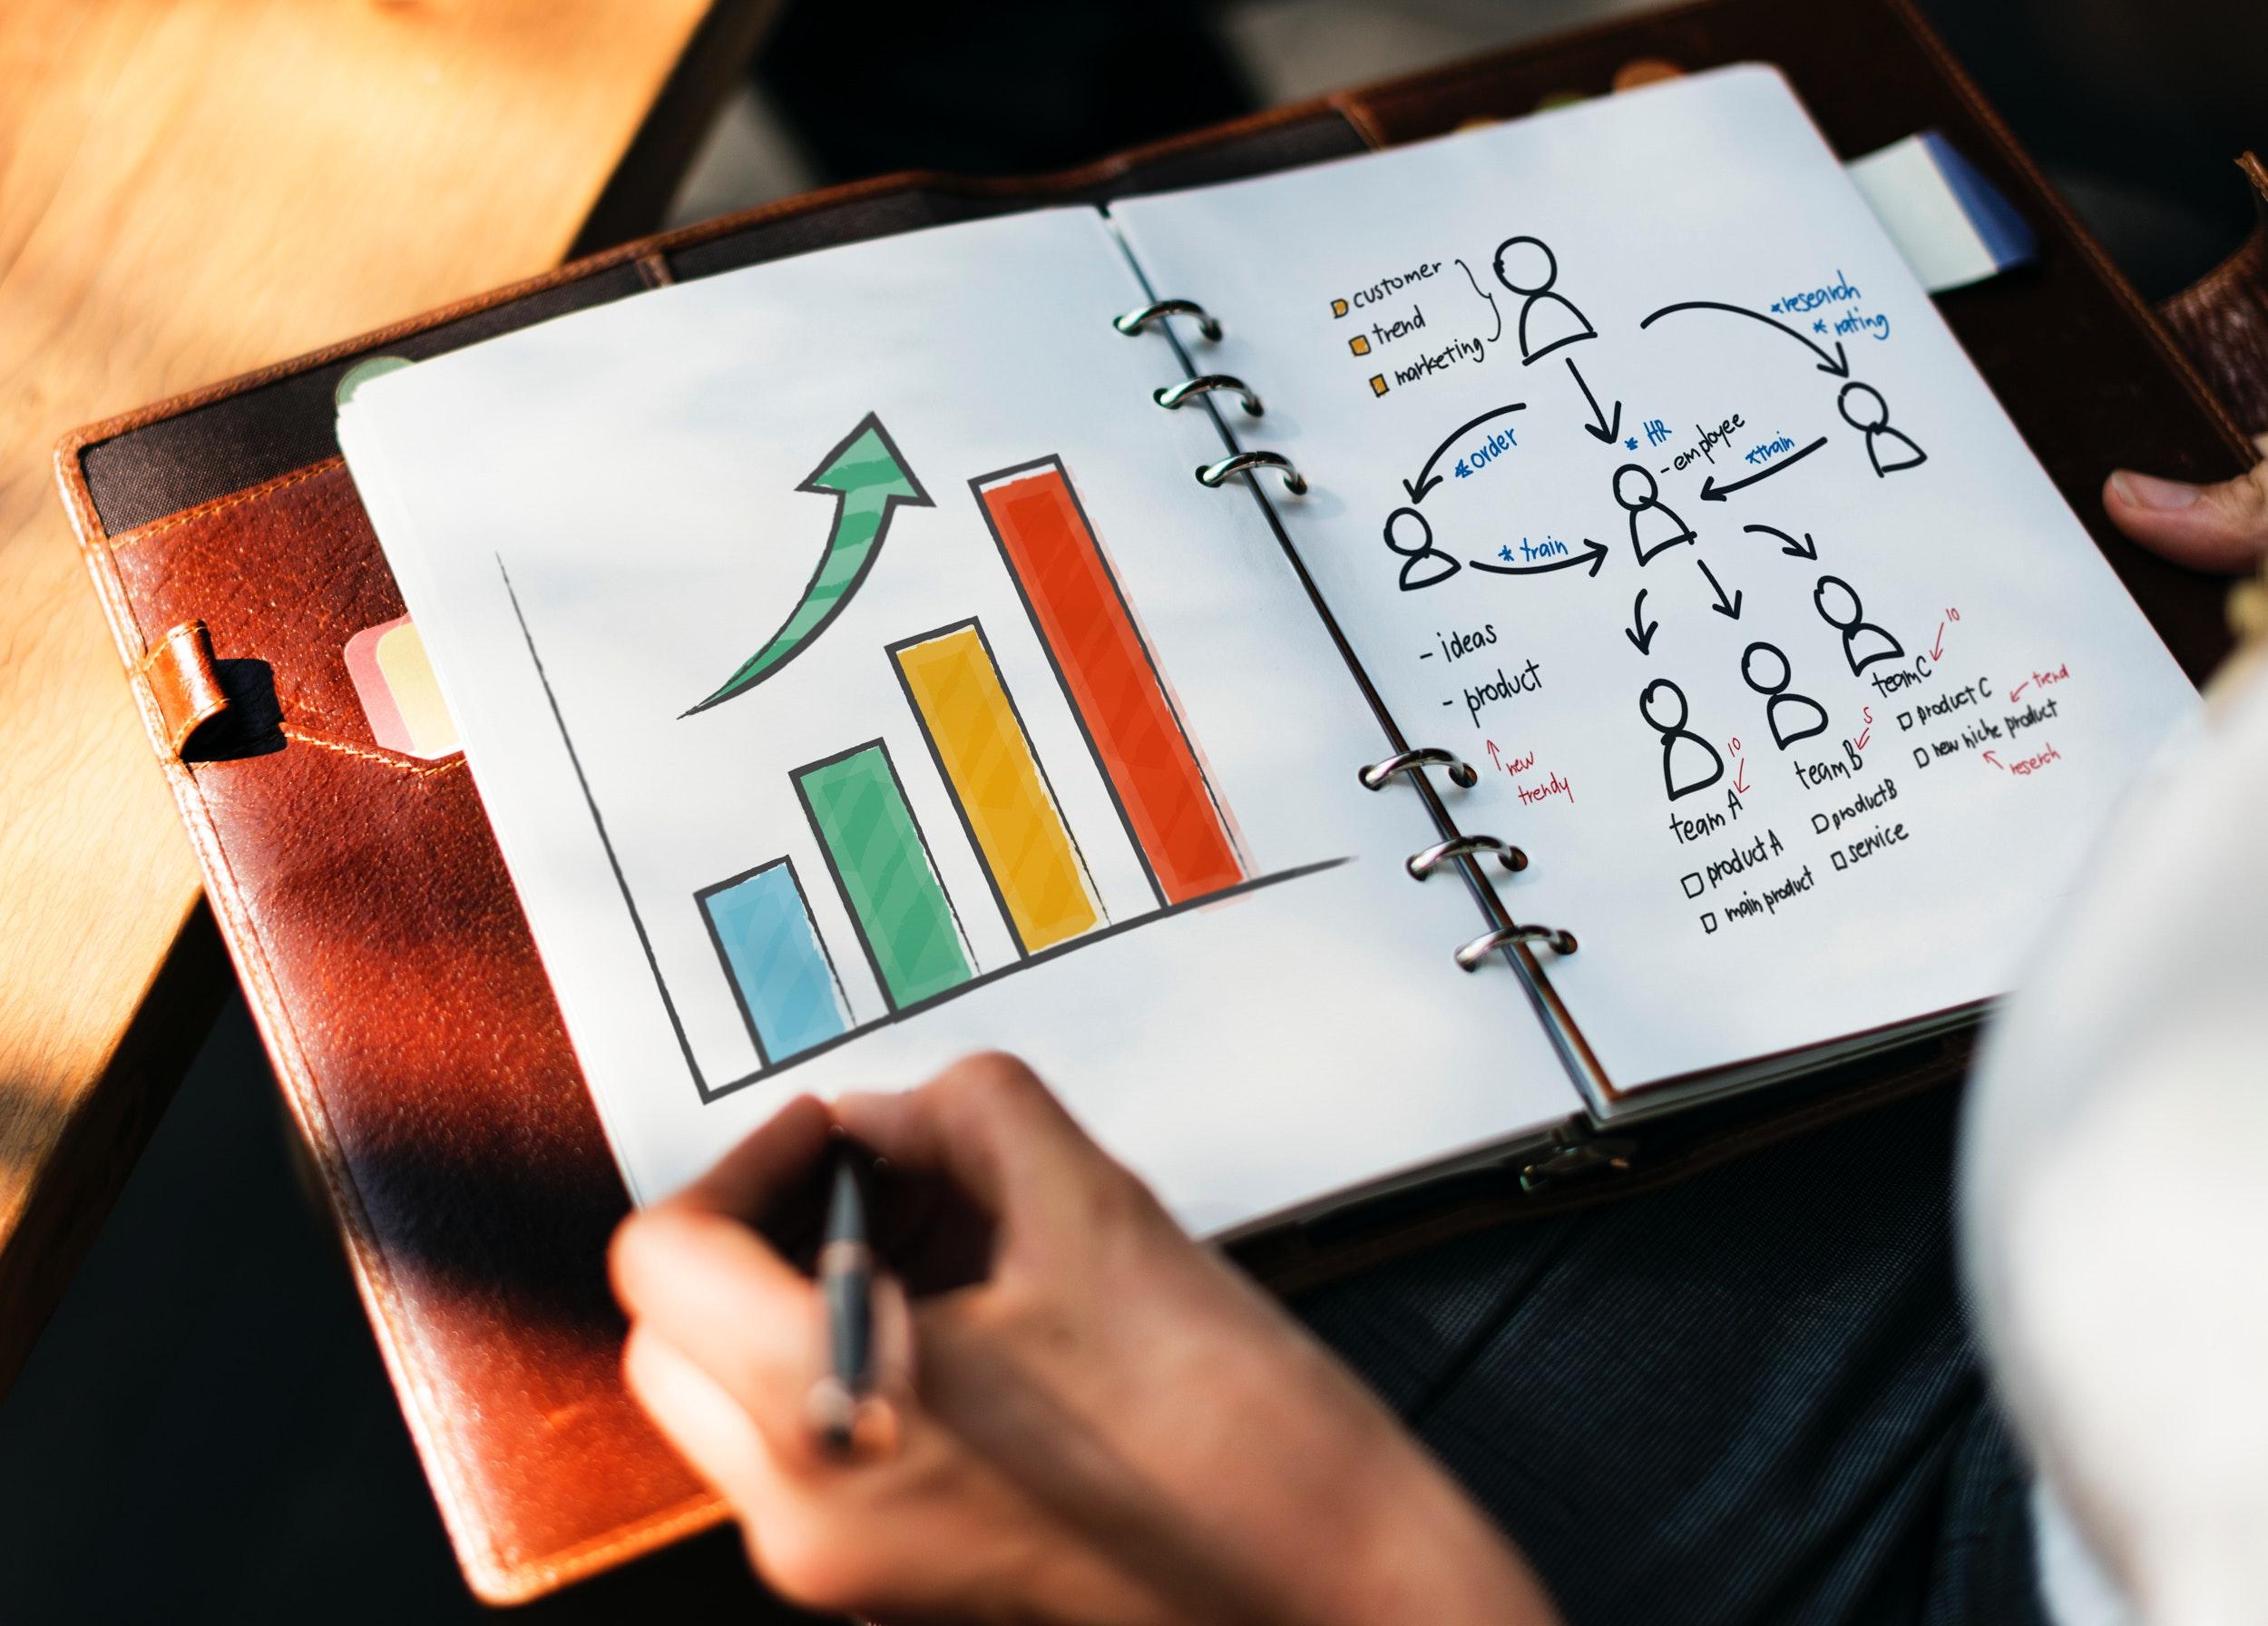 7 indicadores de desempenho para gestão de empresas contábeis